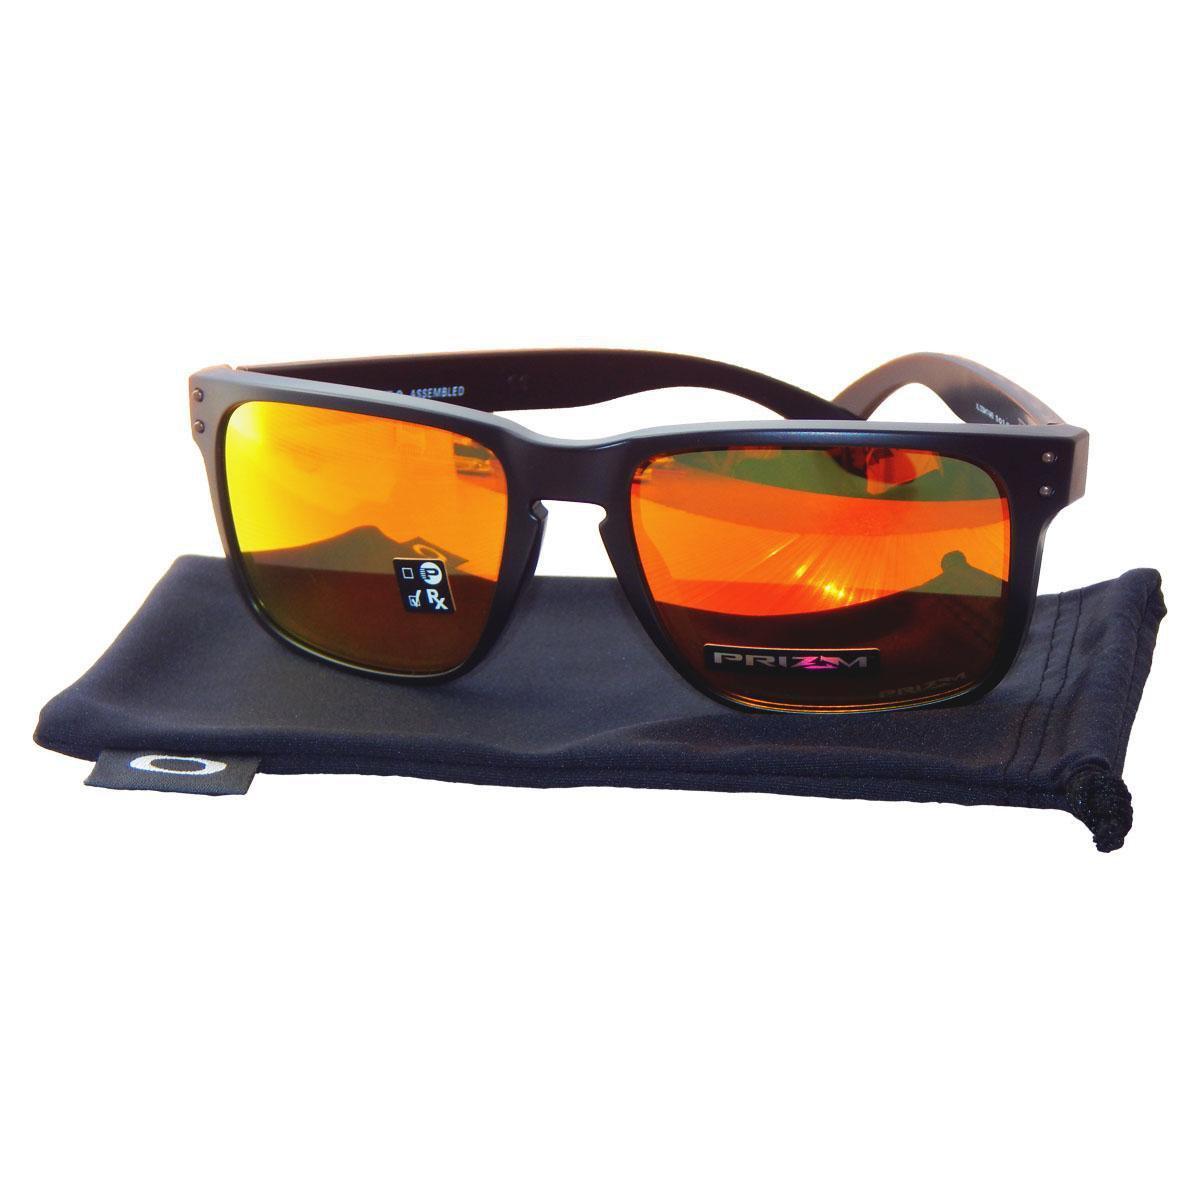 ... Óculos de Sol Oakley Holbrook XL OO9417 - Matte Black - Prizm Ruby -  04  ... 3daefc9354